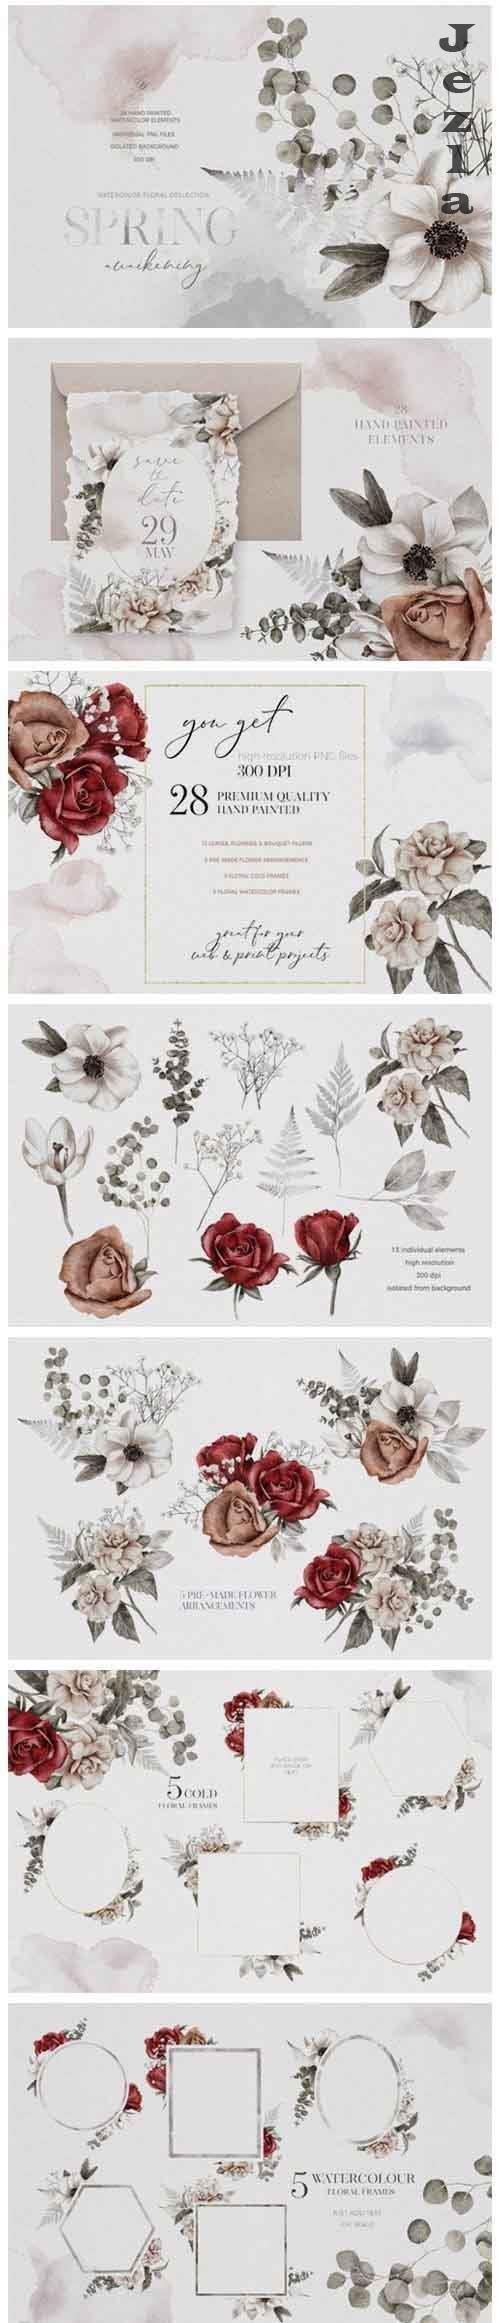 Watercolor Flowers Arrangement Wedding Bouquet Creator PNG - 1098591